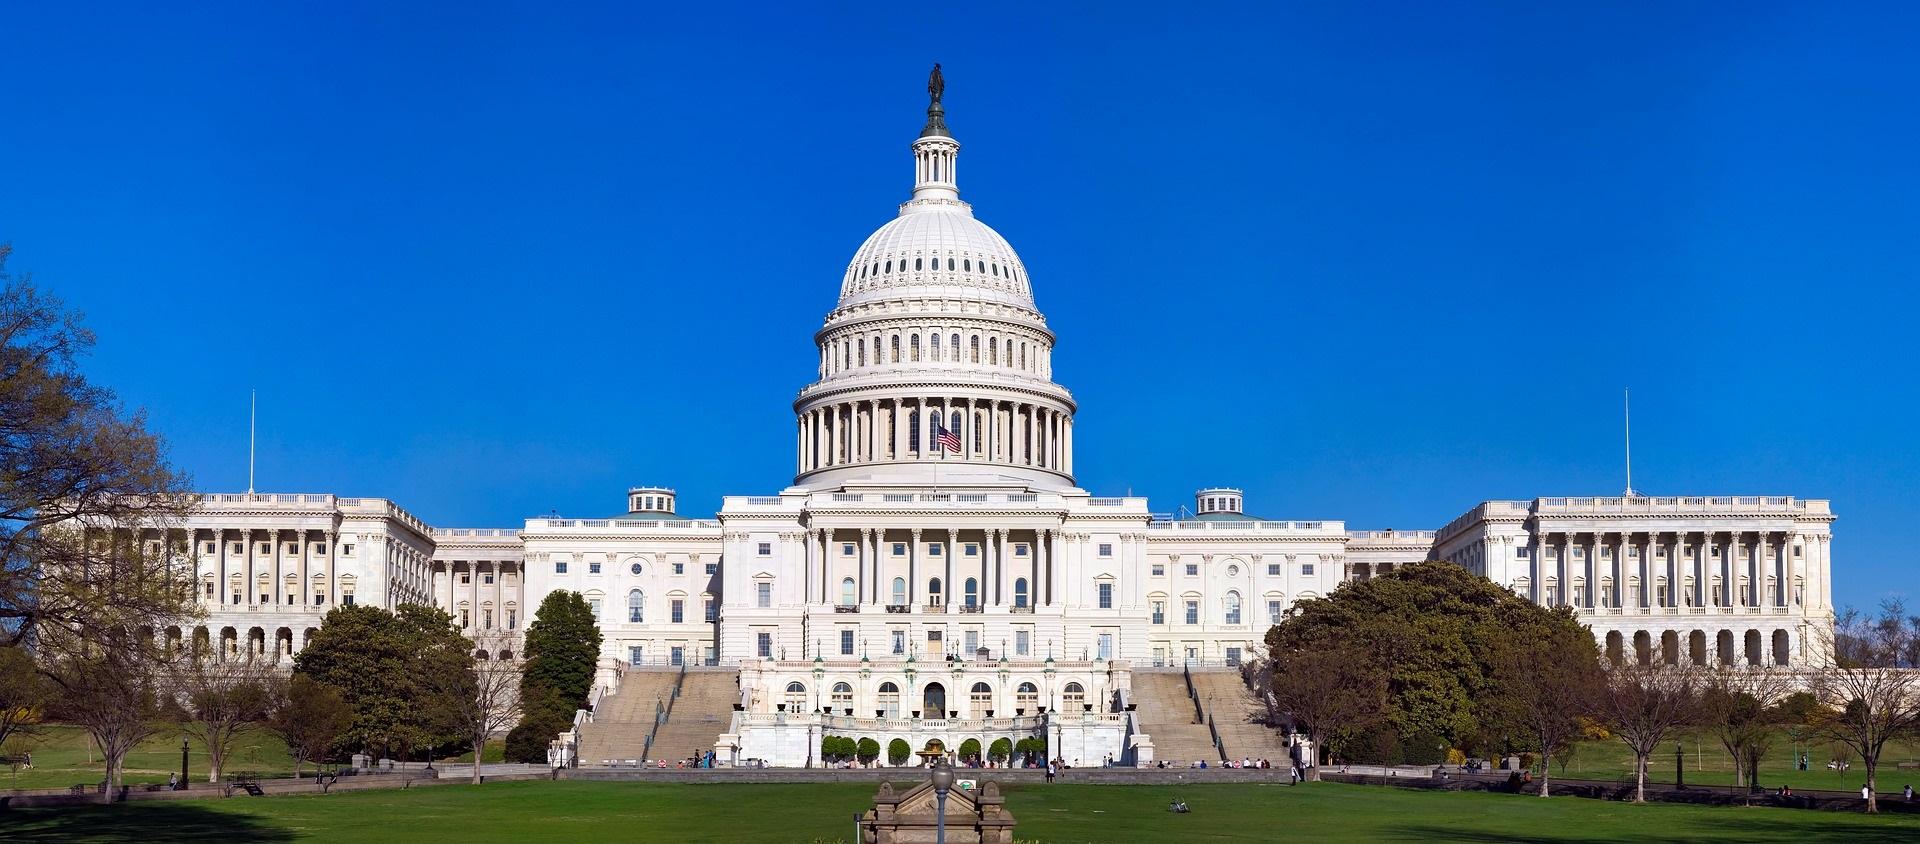 衆議院と参議院の違いをわかりやすく説明!それぞれの国会での役割とは?